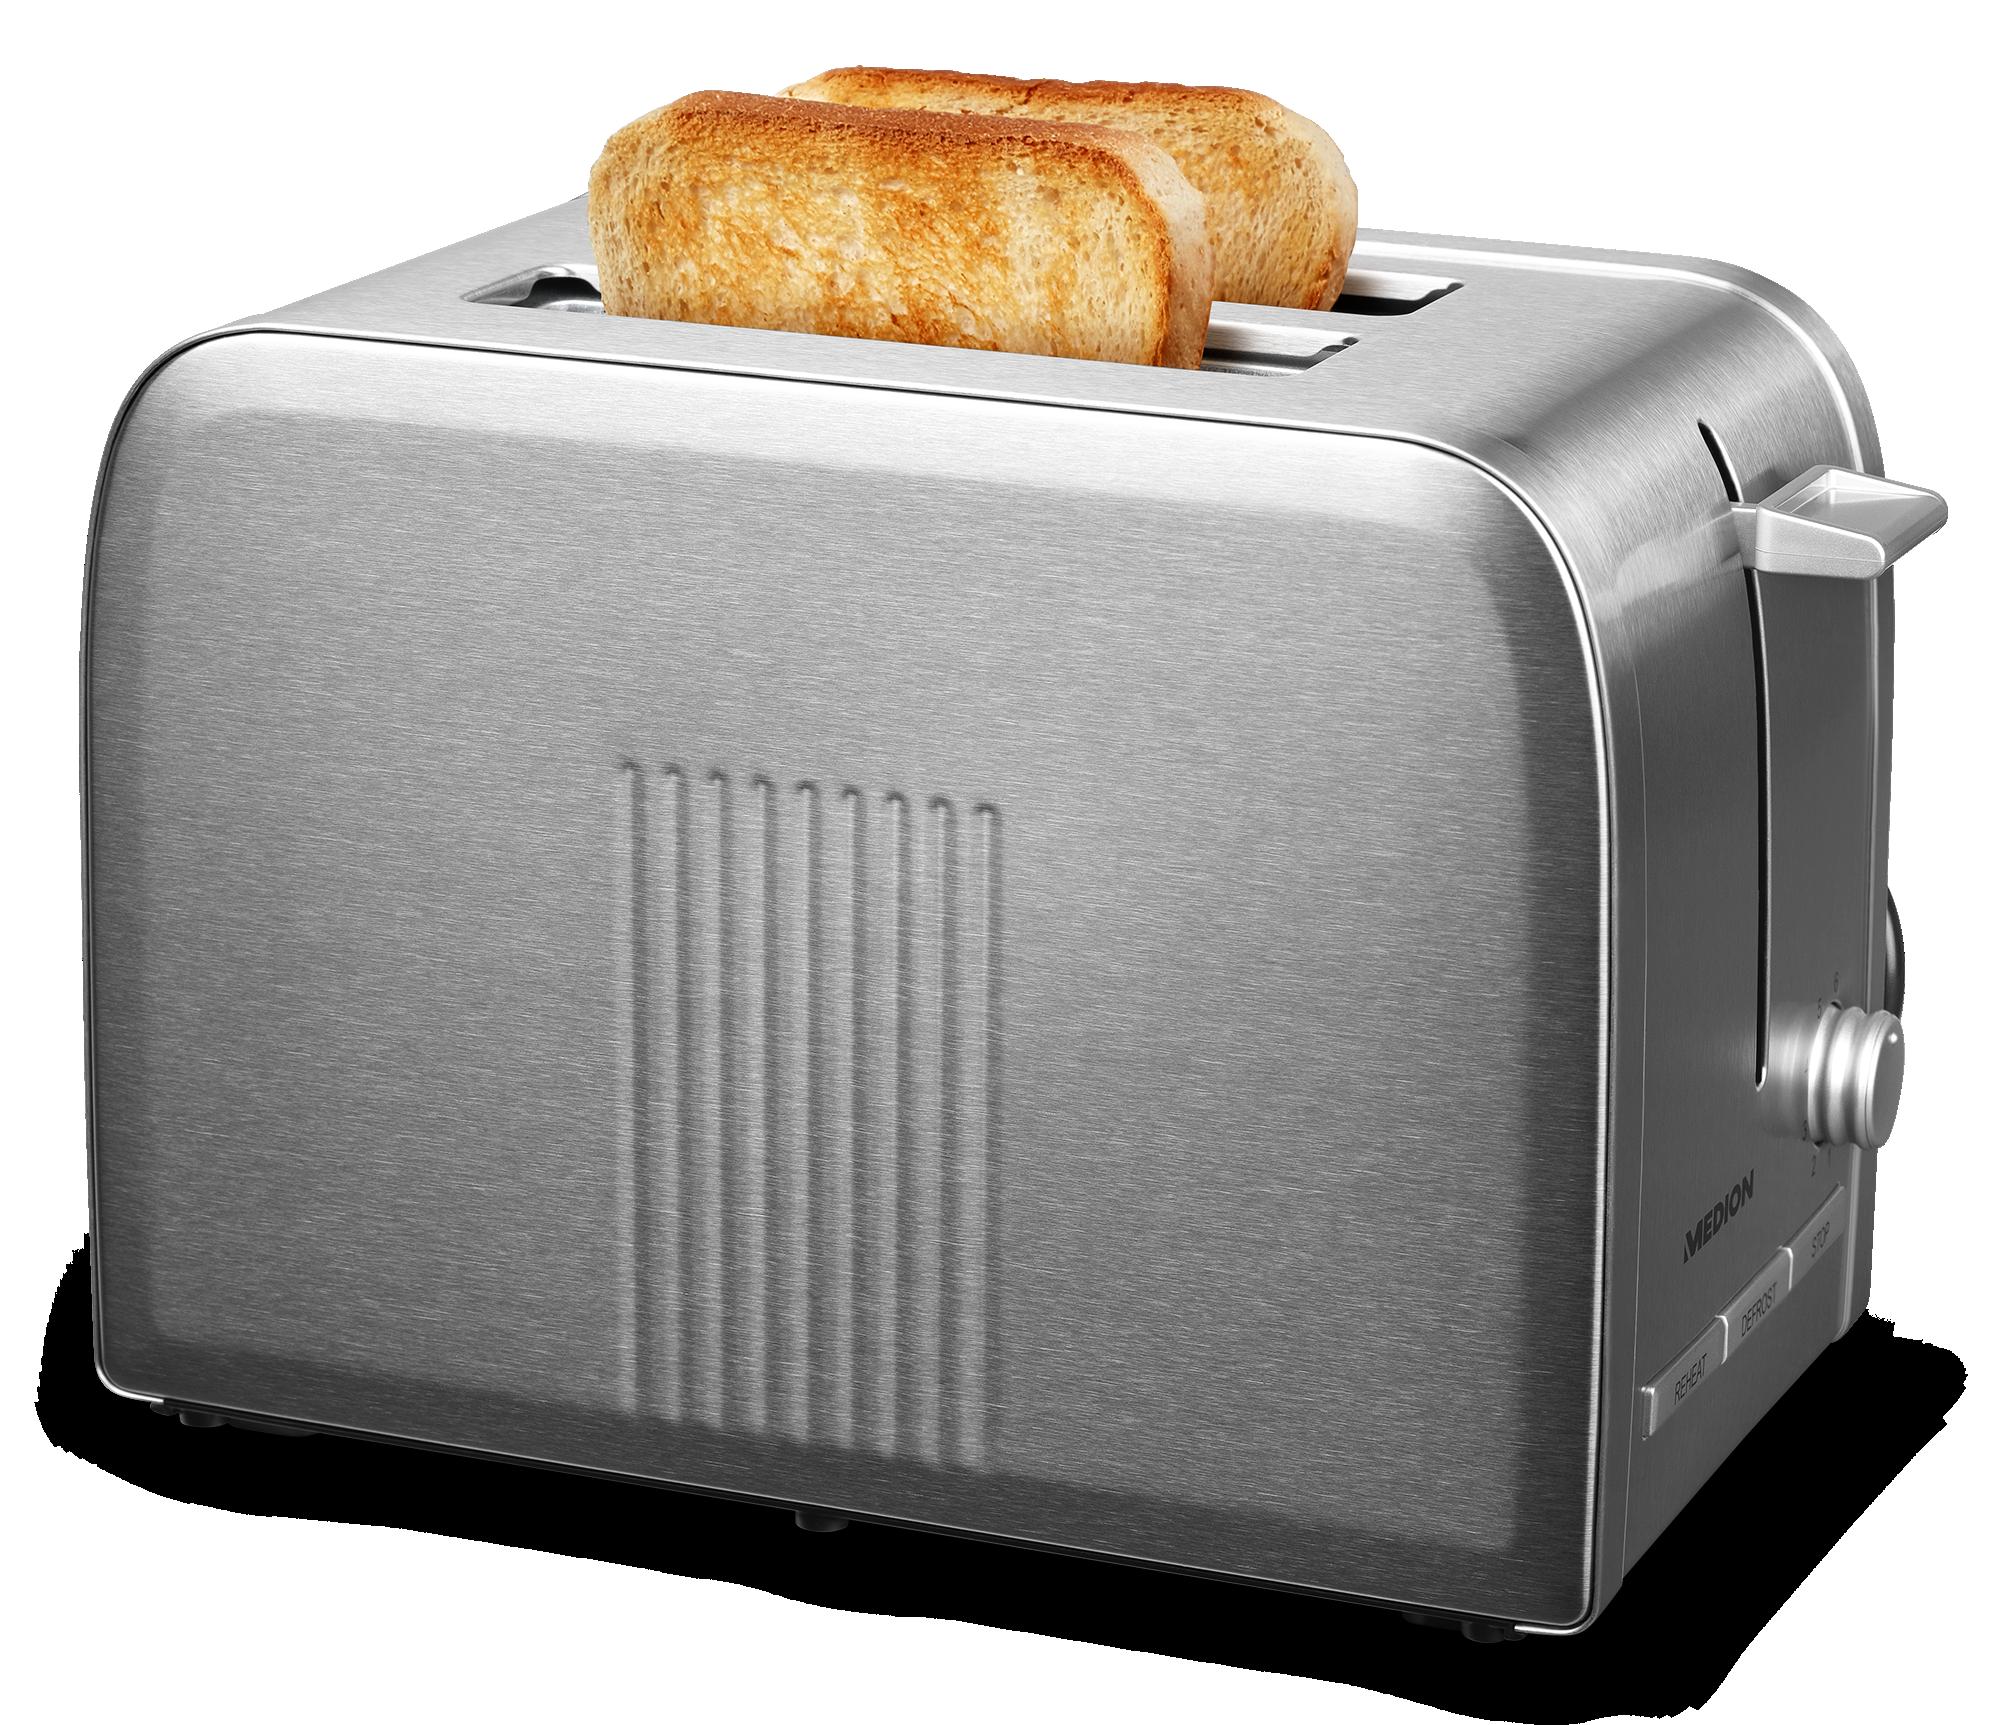 Luxe Toaster met 2 sneden brood erin